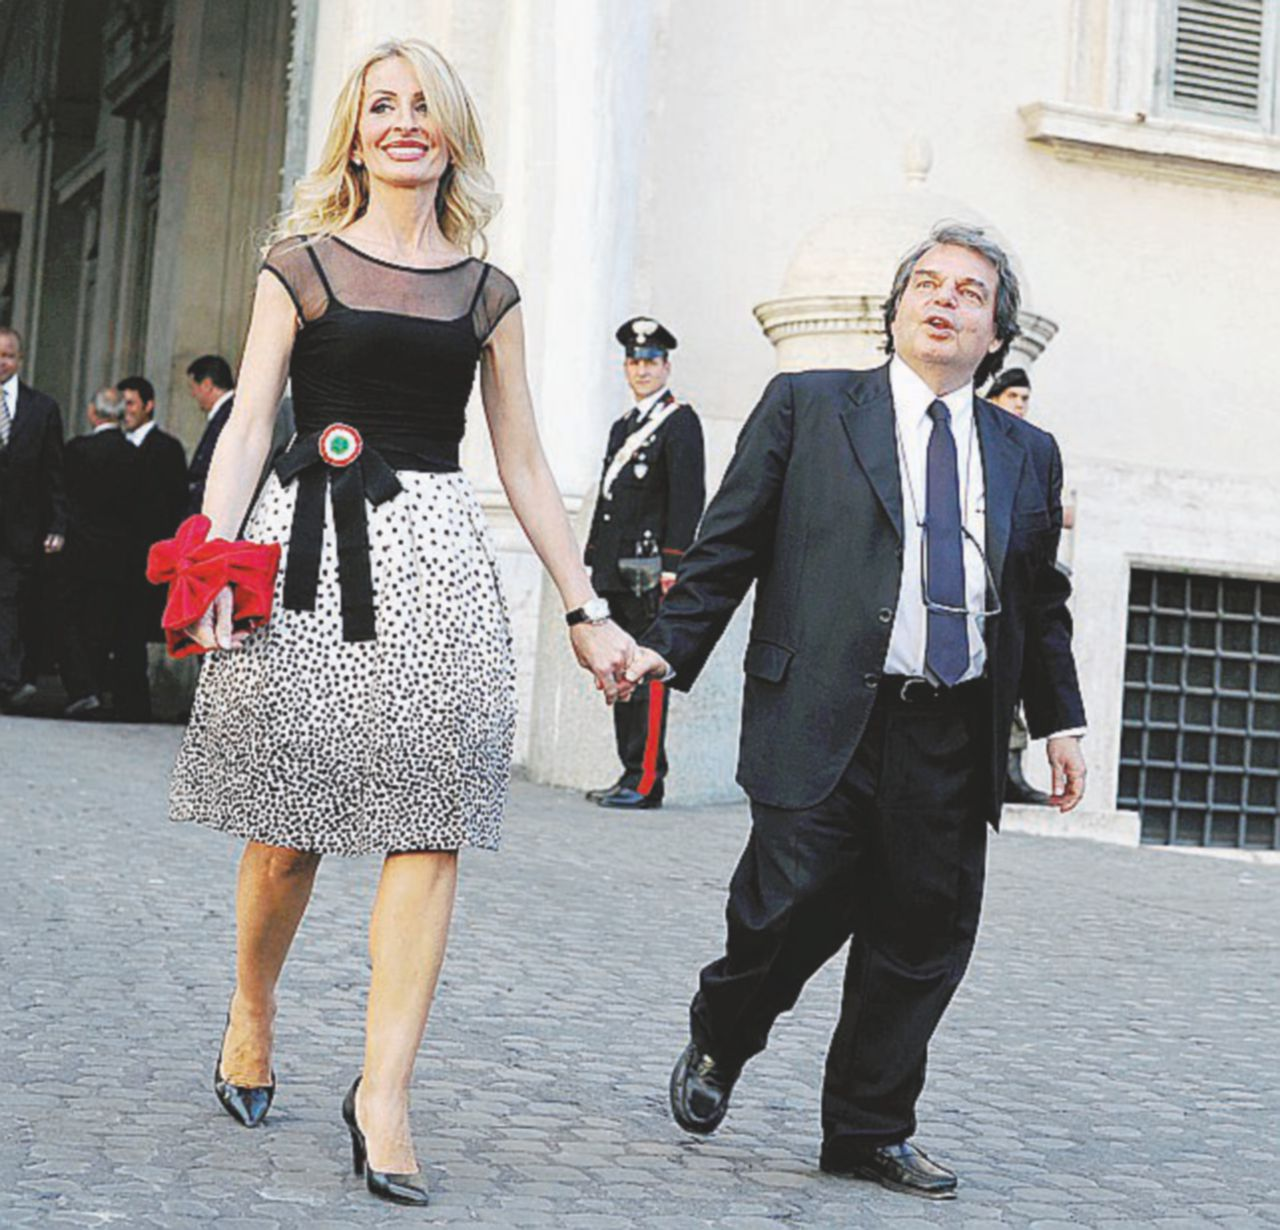 La cyberguerriglia Twitter, madame Brunetta e Lotti